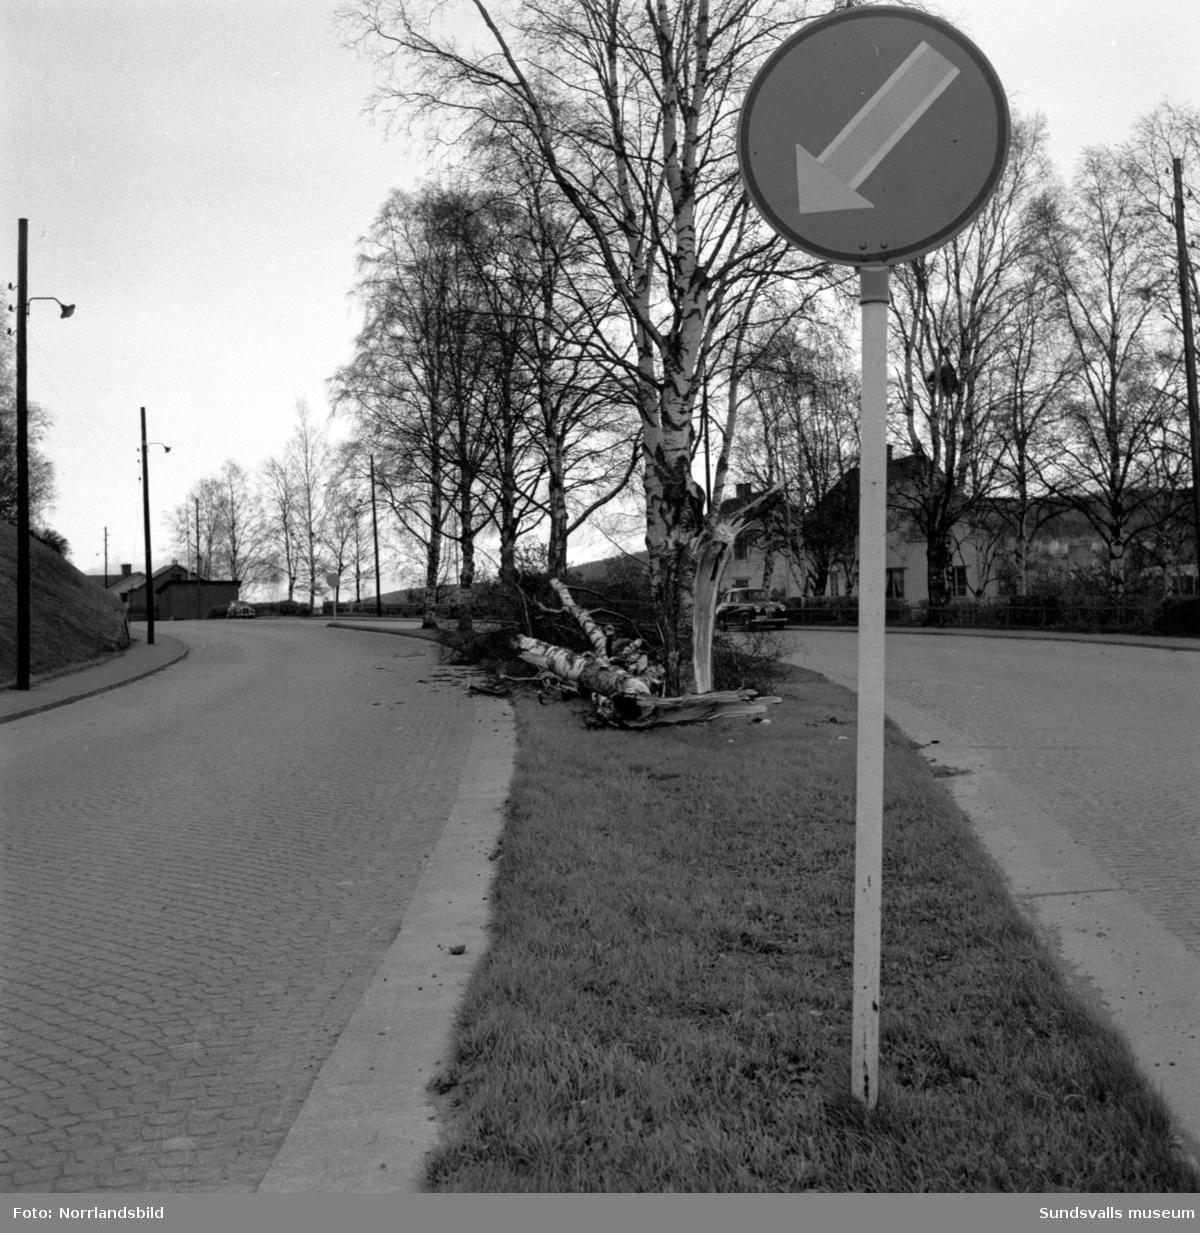 En björk har ramlat på Västra Vägen, i kurvan söder om kyrkogården. De tre villorna vid Västra vägen 13-17 syns i bakgrunden.